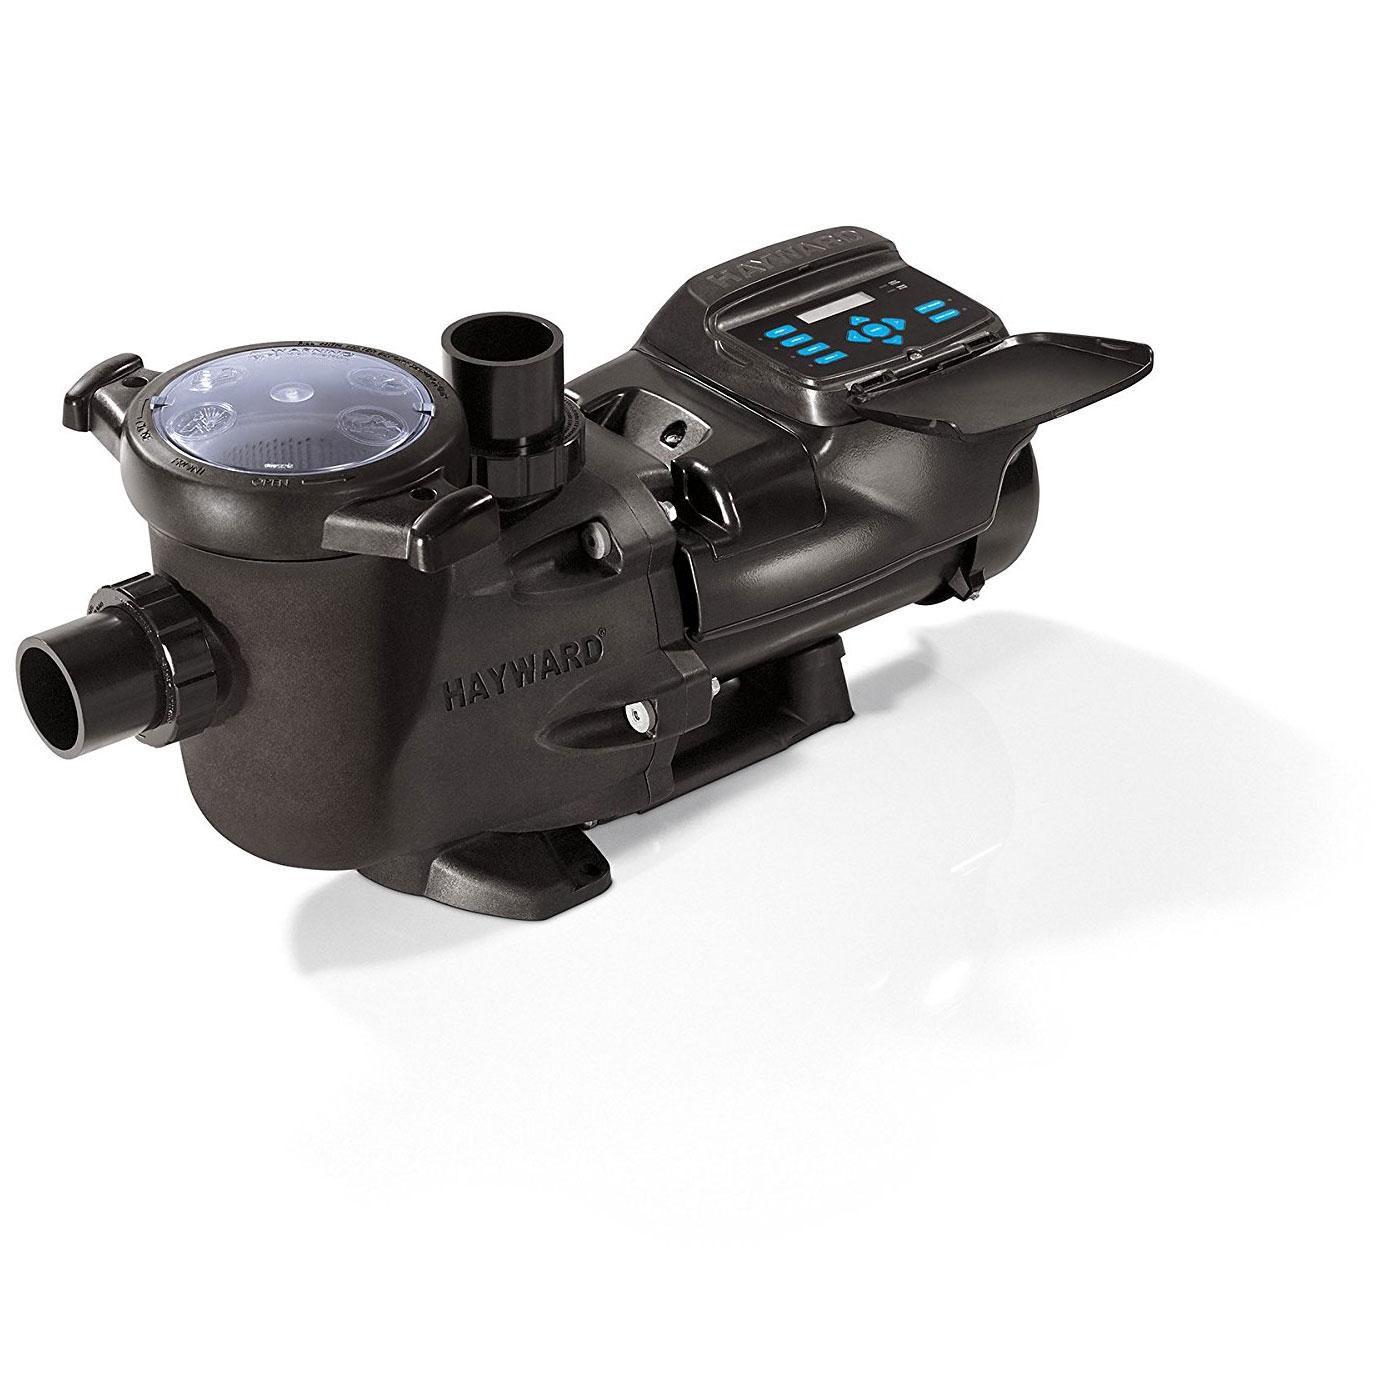 Hayward ecostar variable speed tefc motor inground for Inground pool pump motor